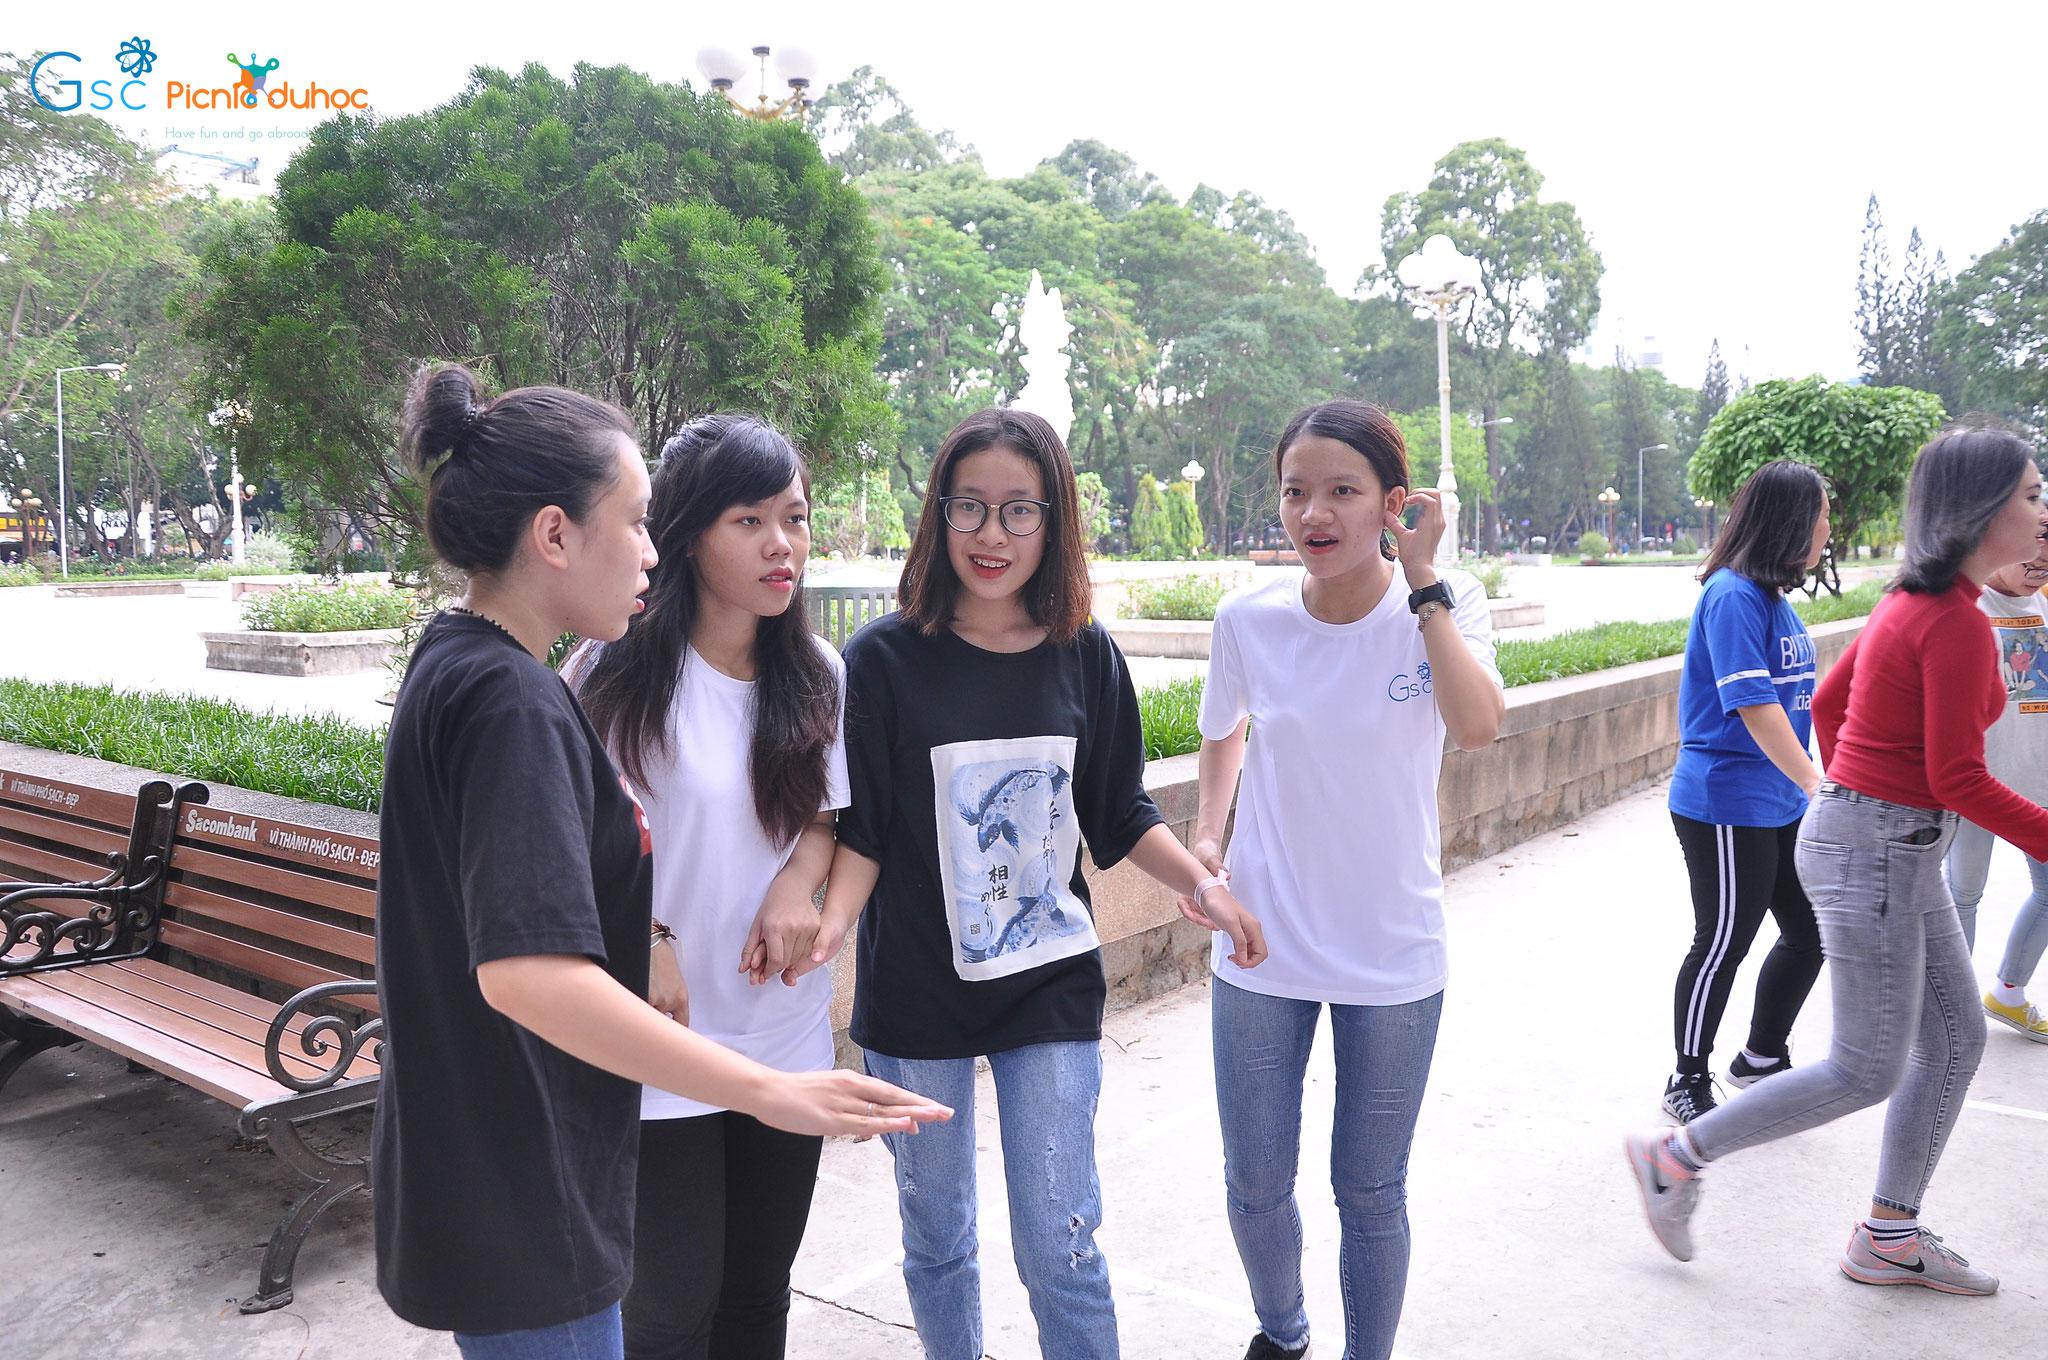 Picnic du học Gsc mùa 3 Tp.HCM - Hanoi